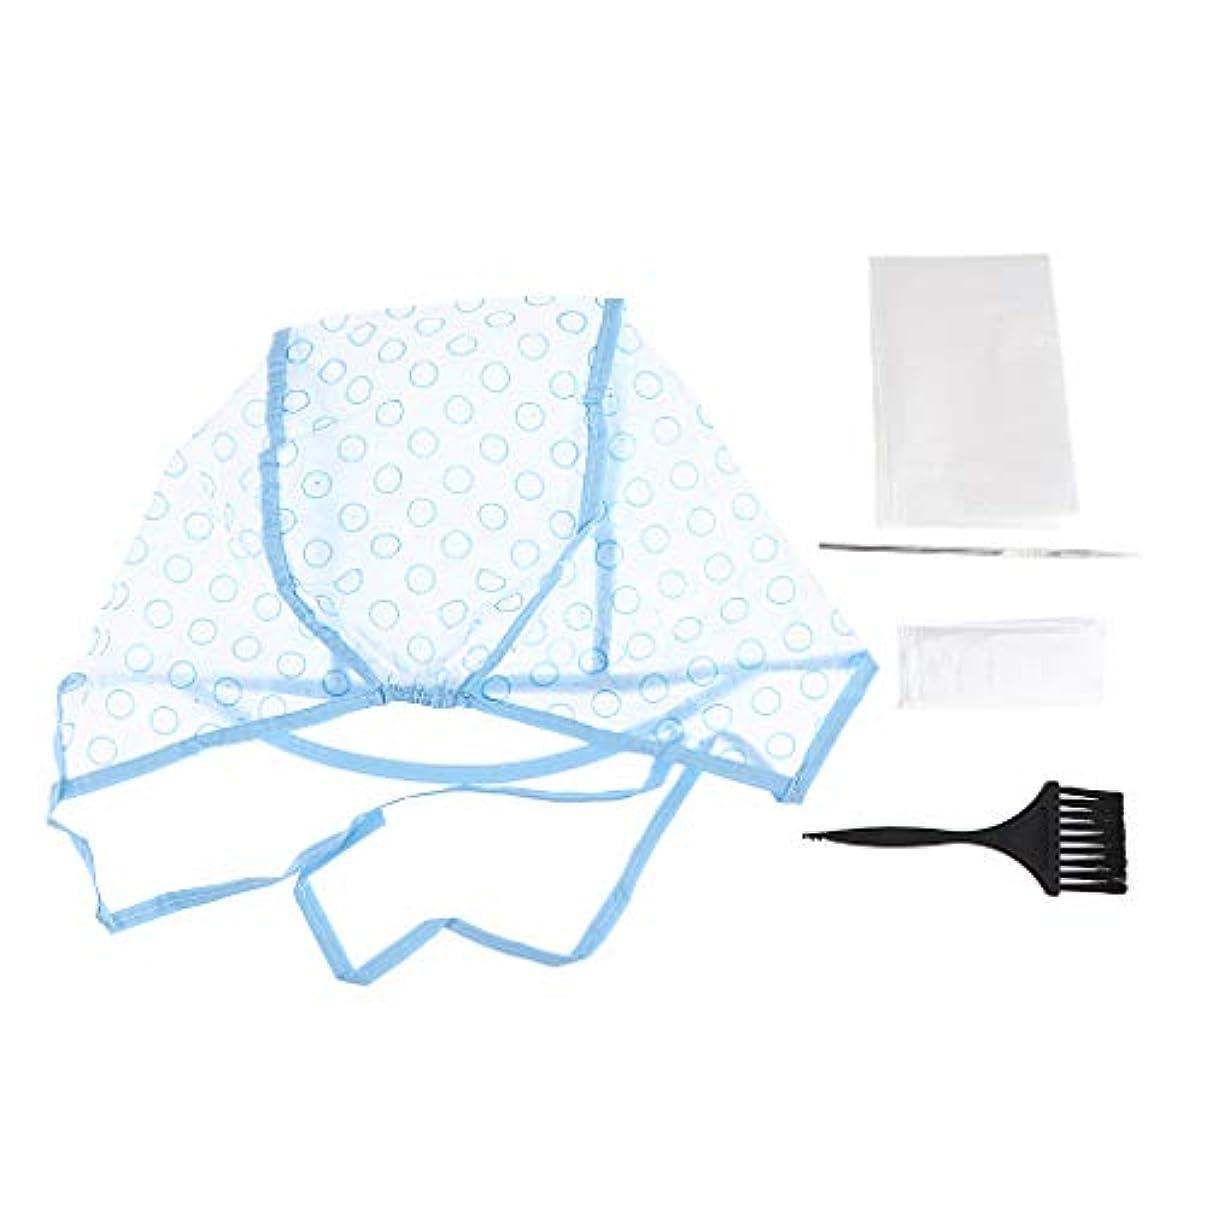 使い捨ての髪の着色キット、髪の色合いツールブラシフック強調キャップ手袋とケープセット